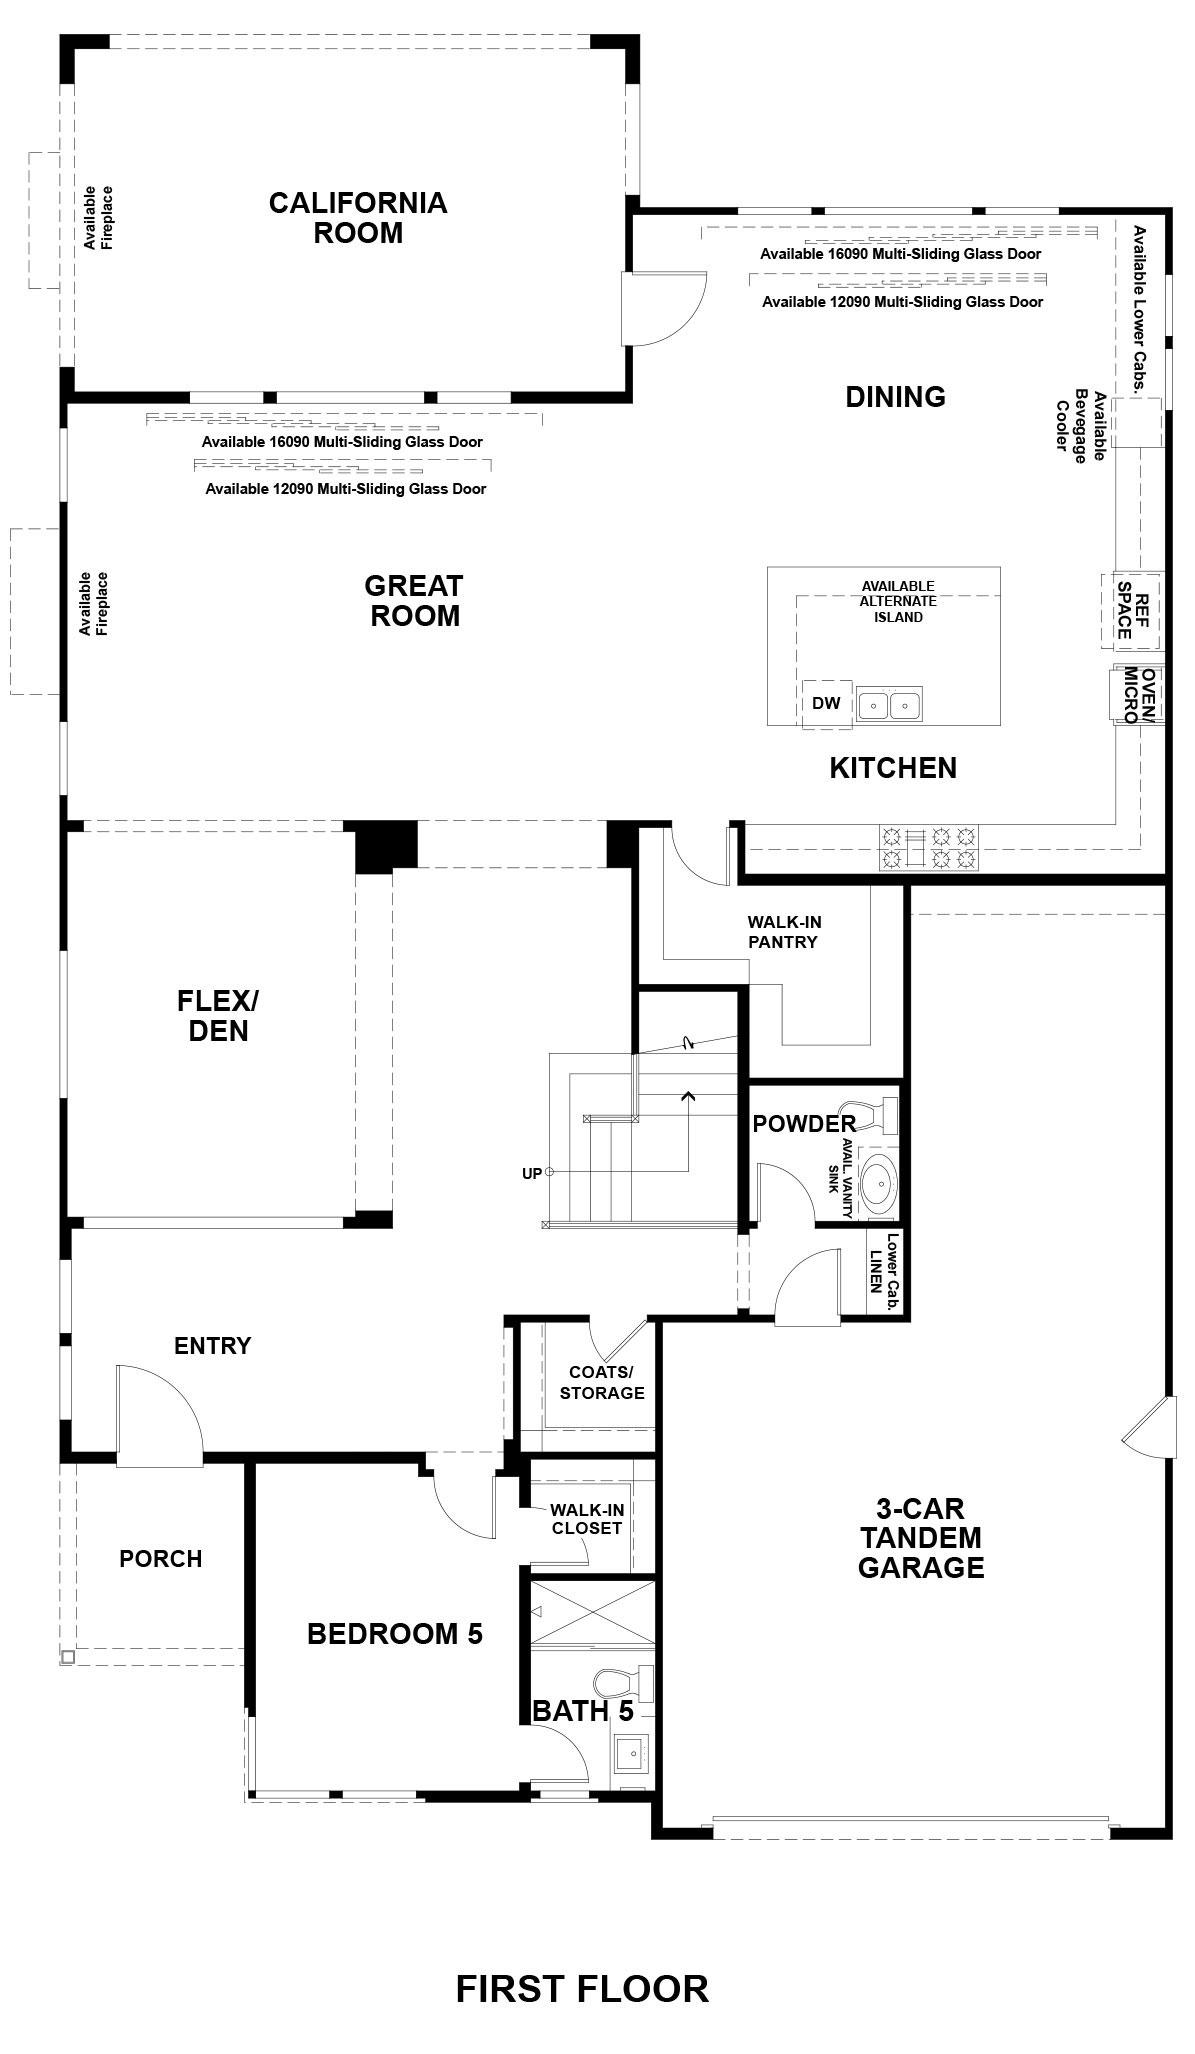 Ridgepointe floor plan - Residence 3, floor 1